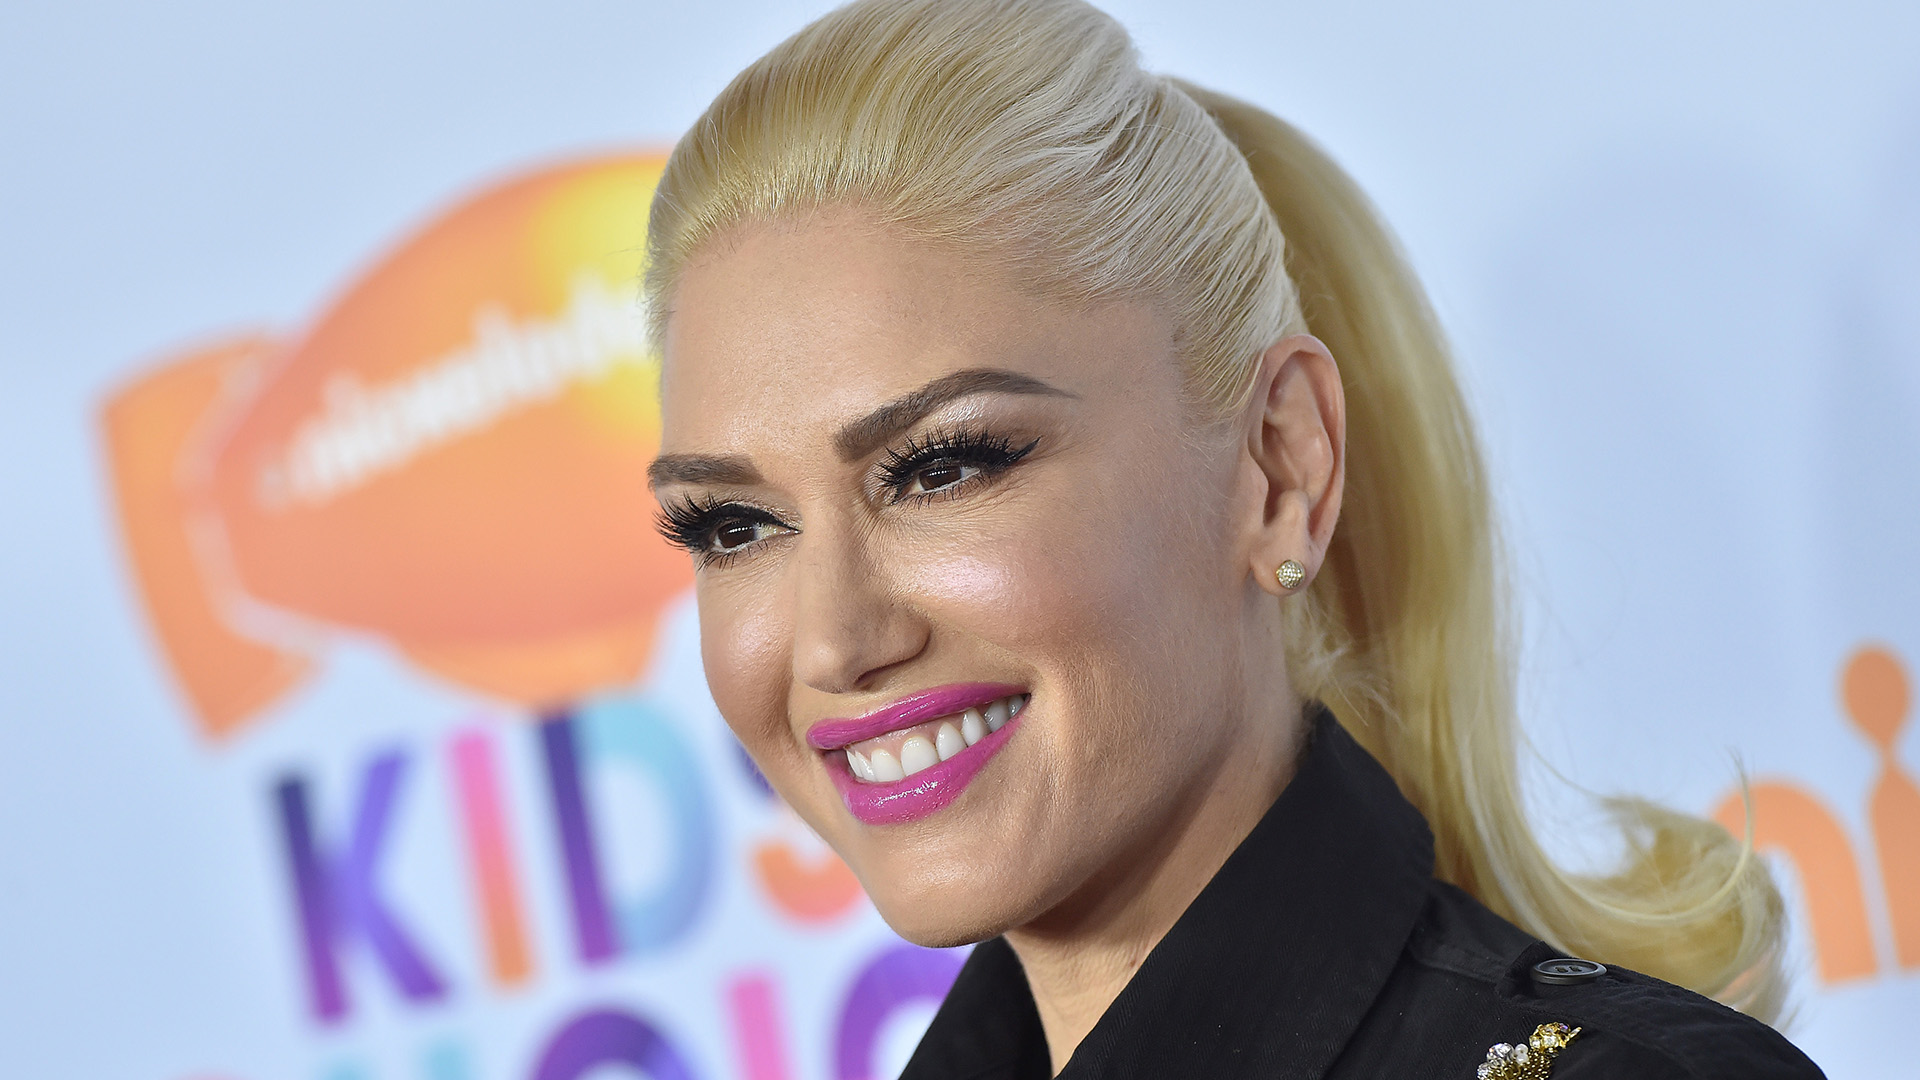 Gwen Stefanis Newest Hair Style Bangs